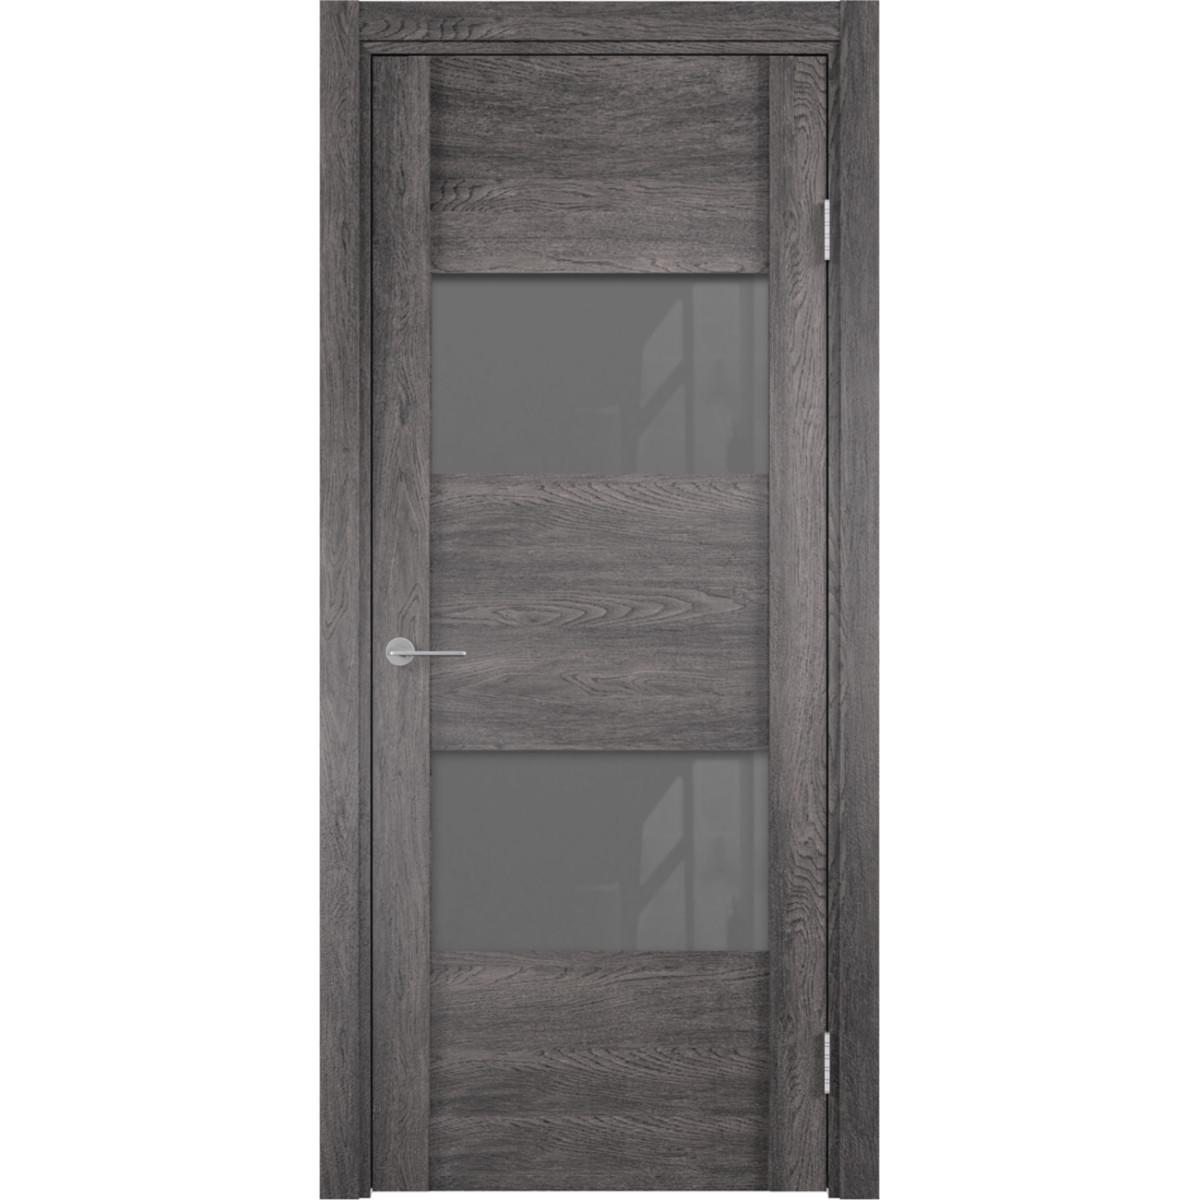 Дверь межкомнатная остеклённая с замком в комплекте Квадро 80x200 см ПВХ цвет серый